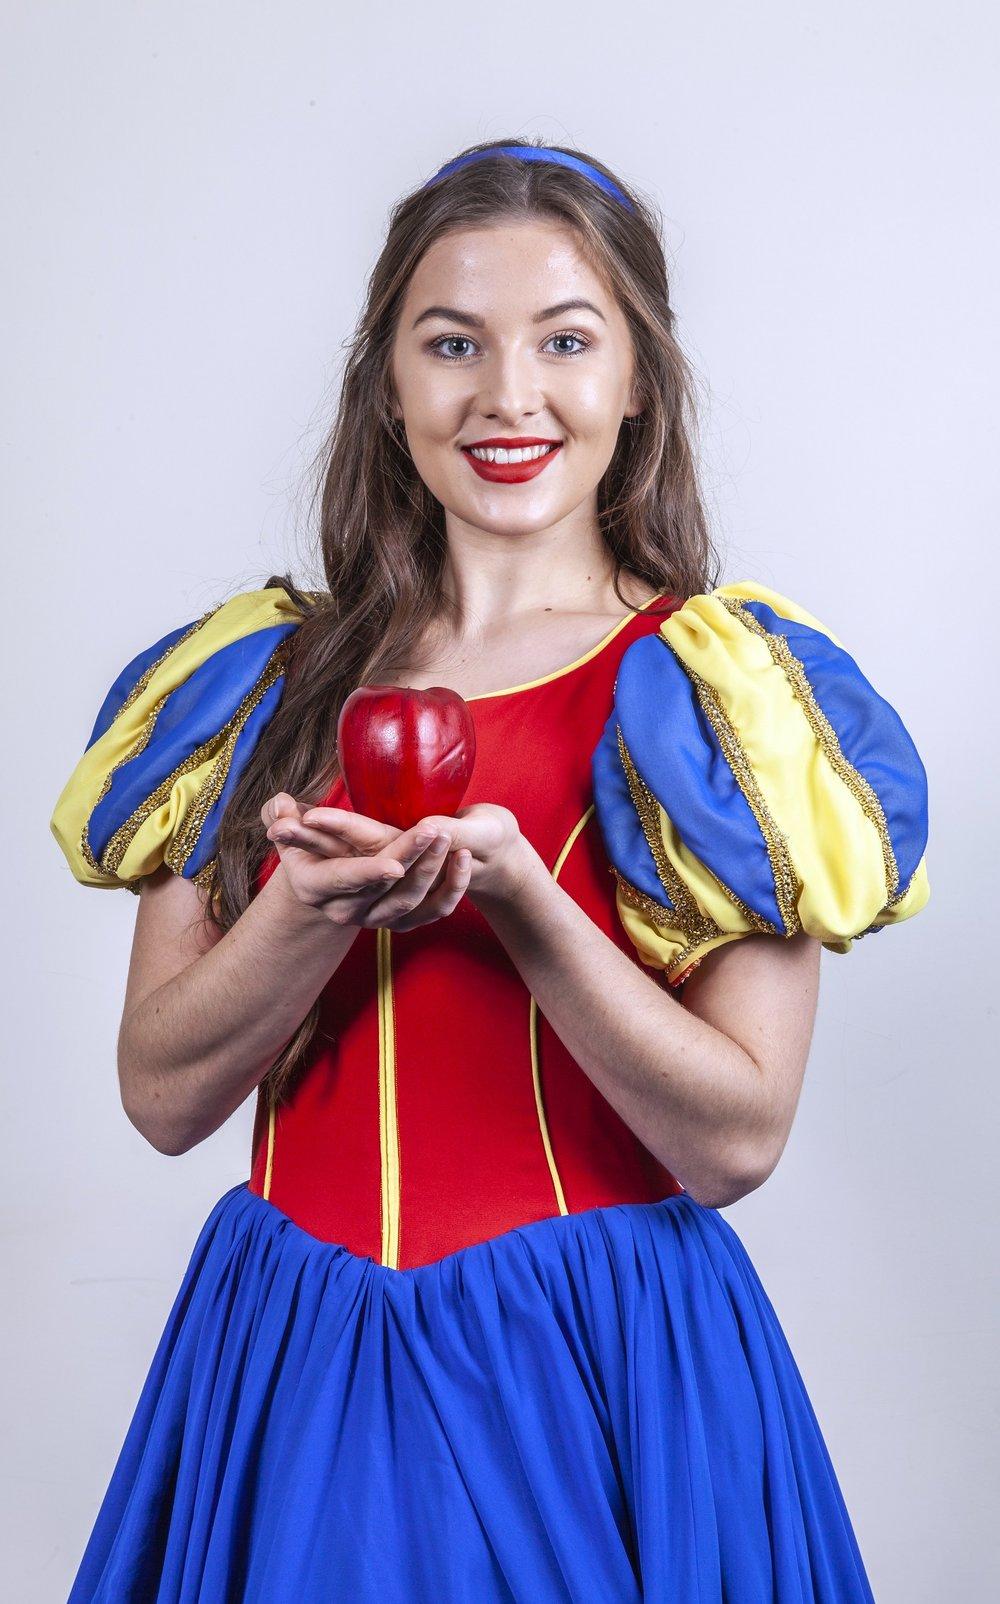 Leamington Snow White-9649 - Copy.jpg